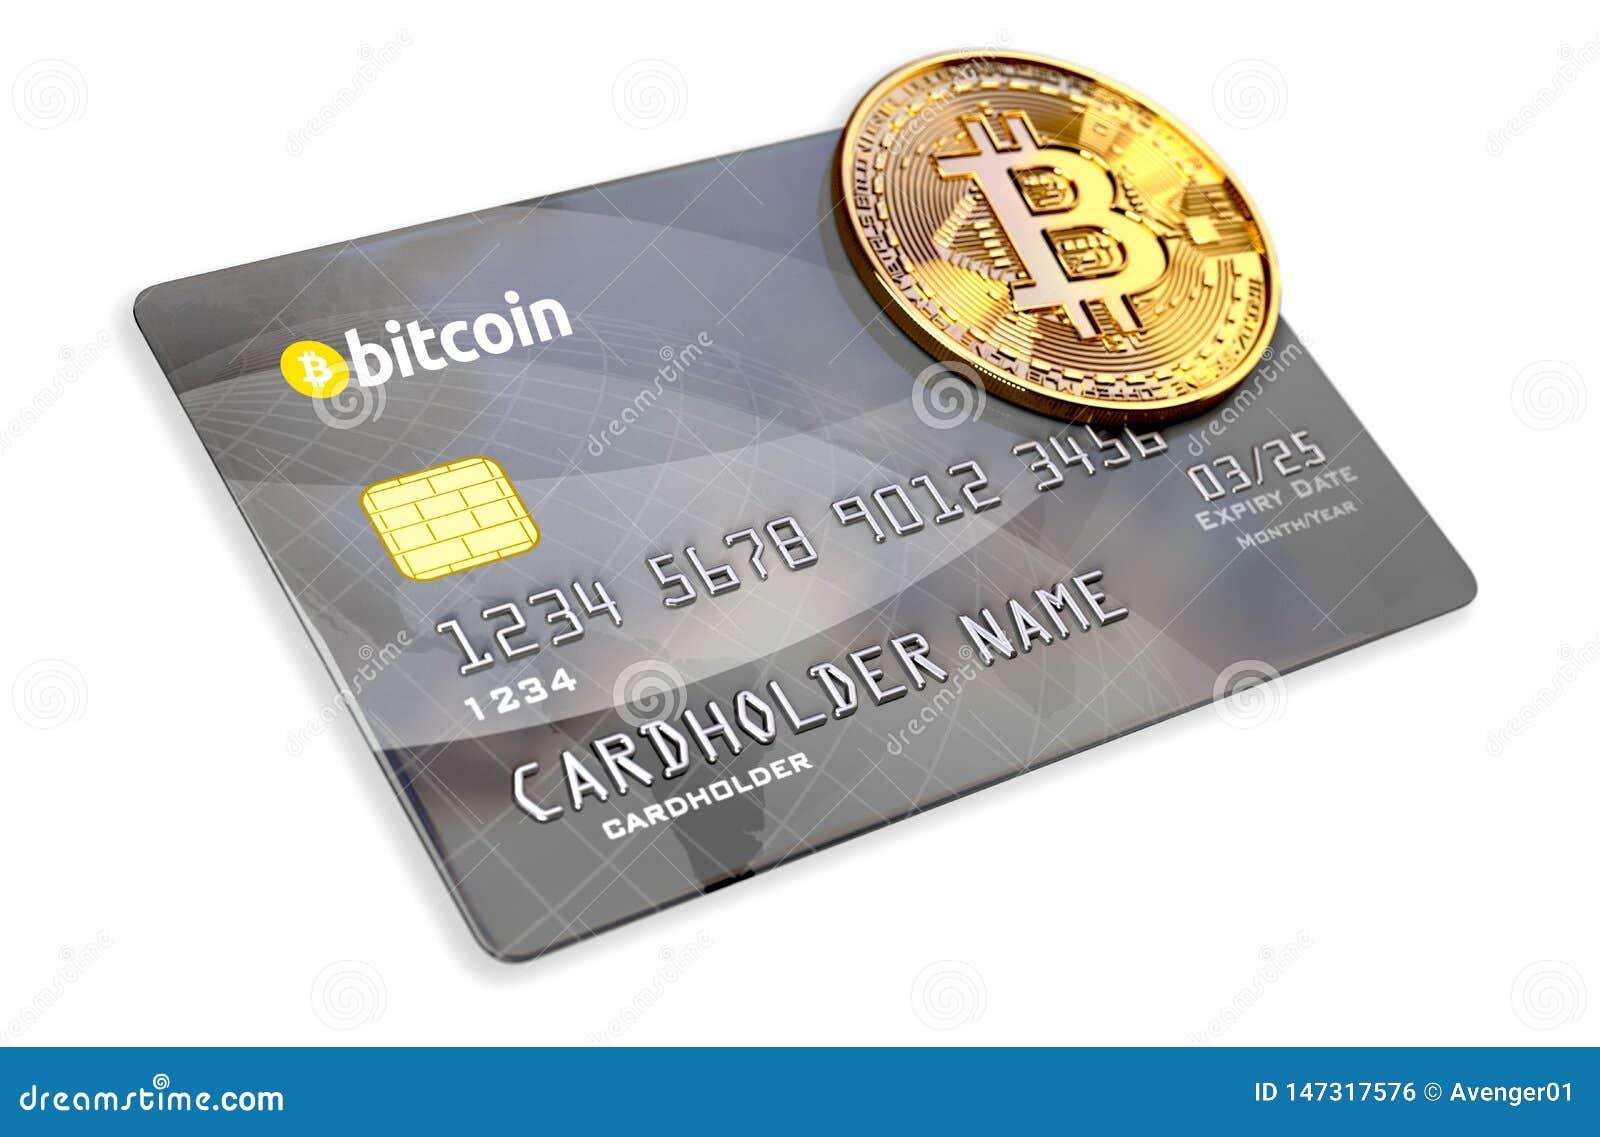 credit bitcoin